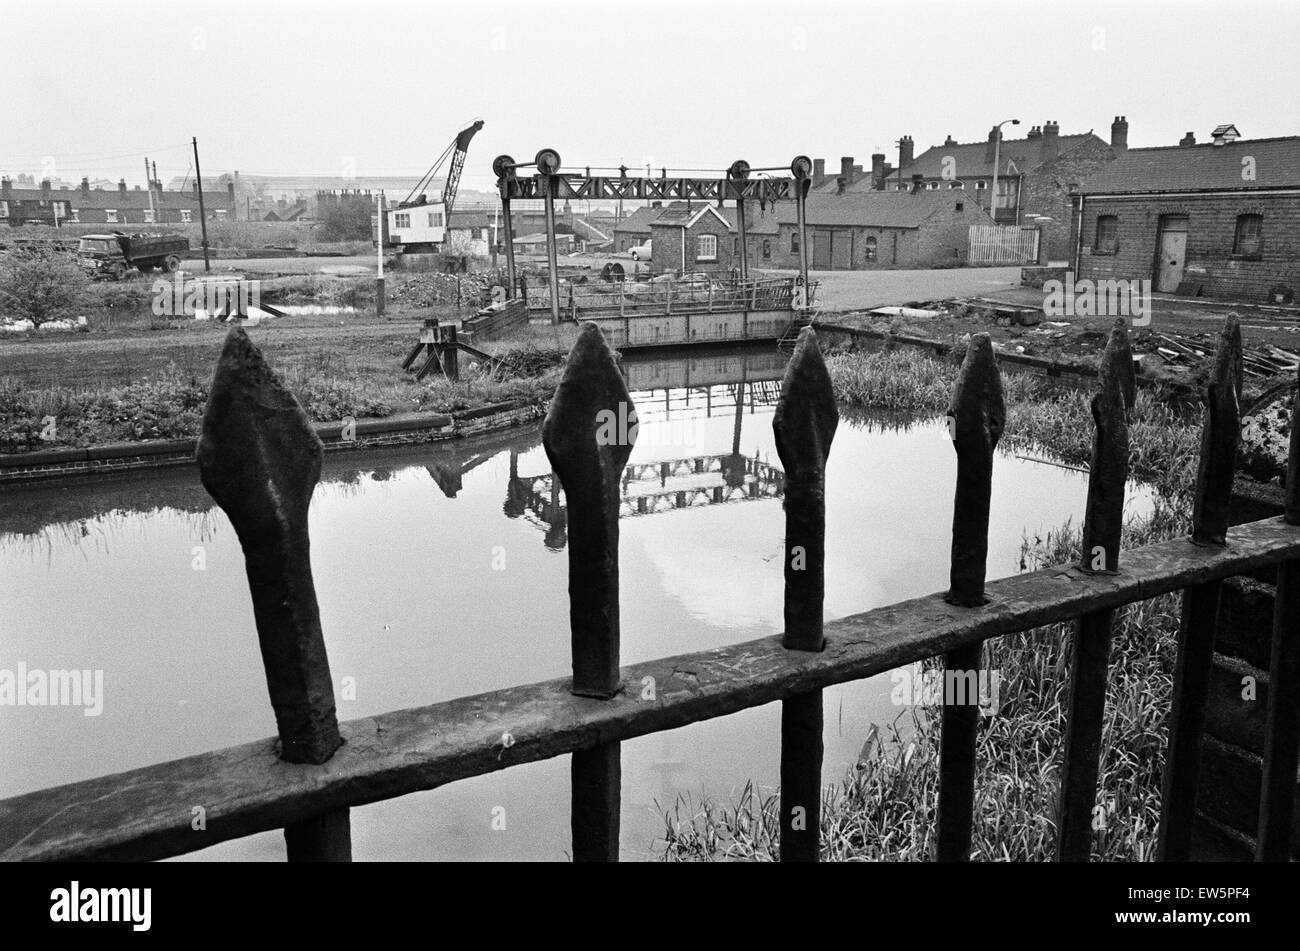 Railings, blackened by 150 years of industrial smoke separate the weed grown banks of the Birmingham Wolverhampton - Stock Image